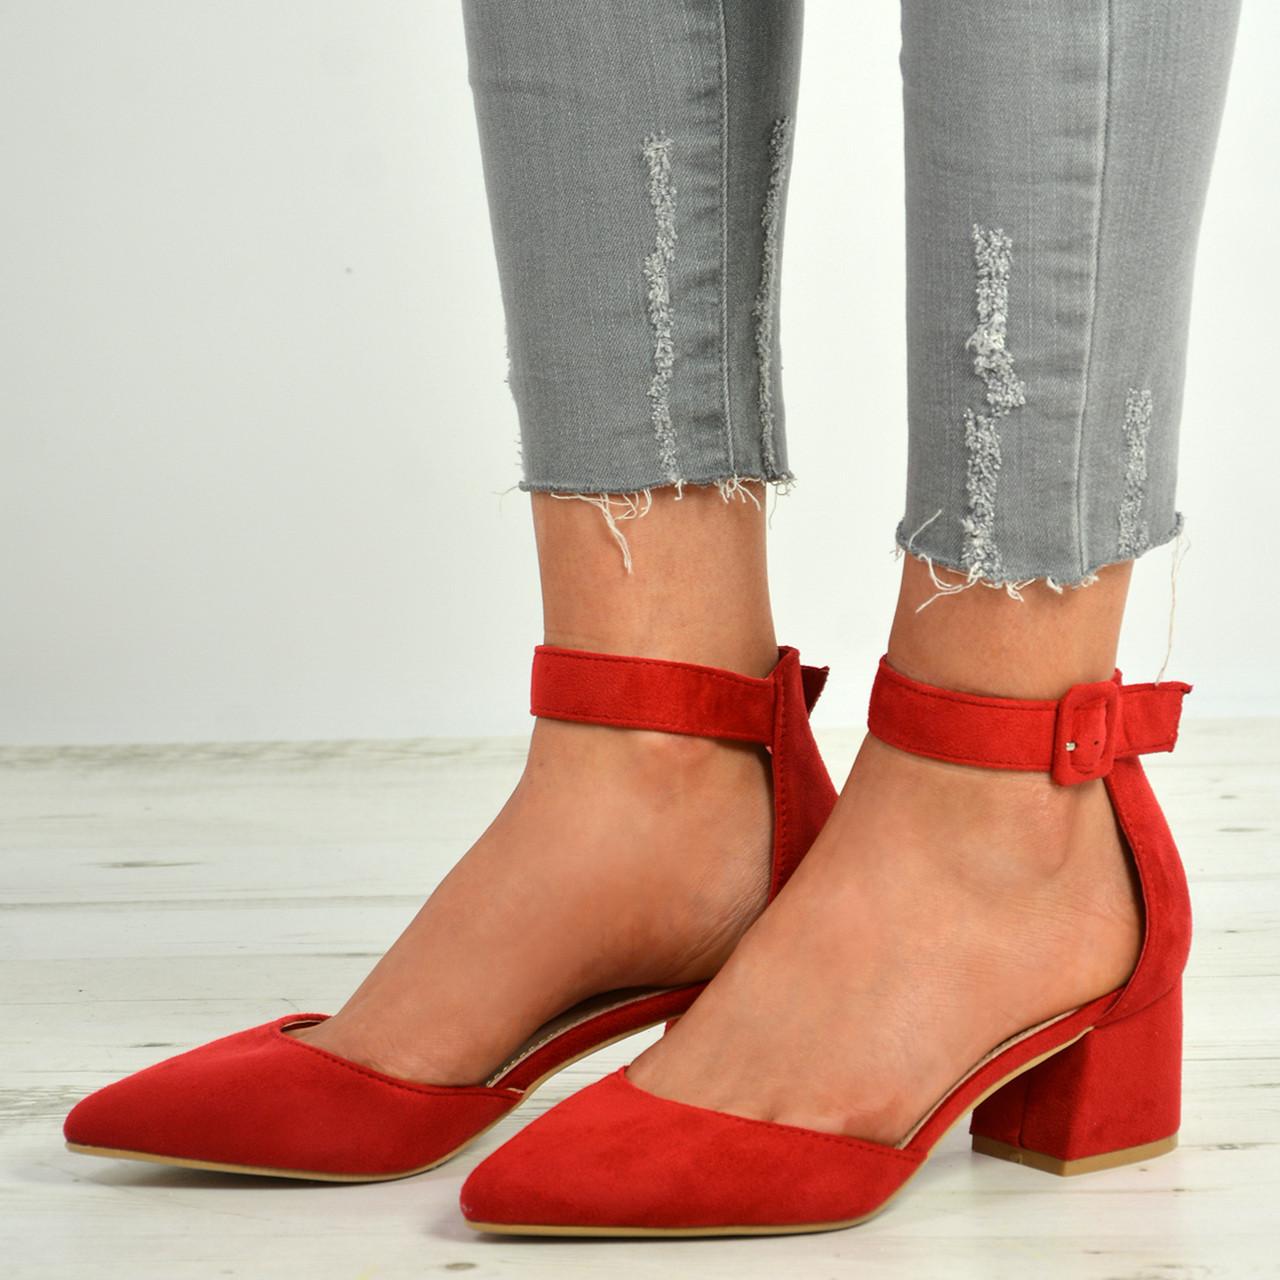 Red Suede Block Heels, Pointed Toe